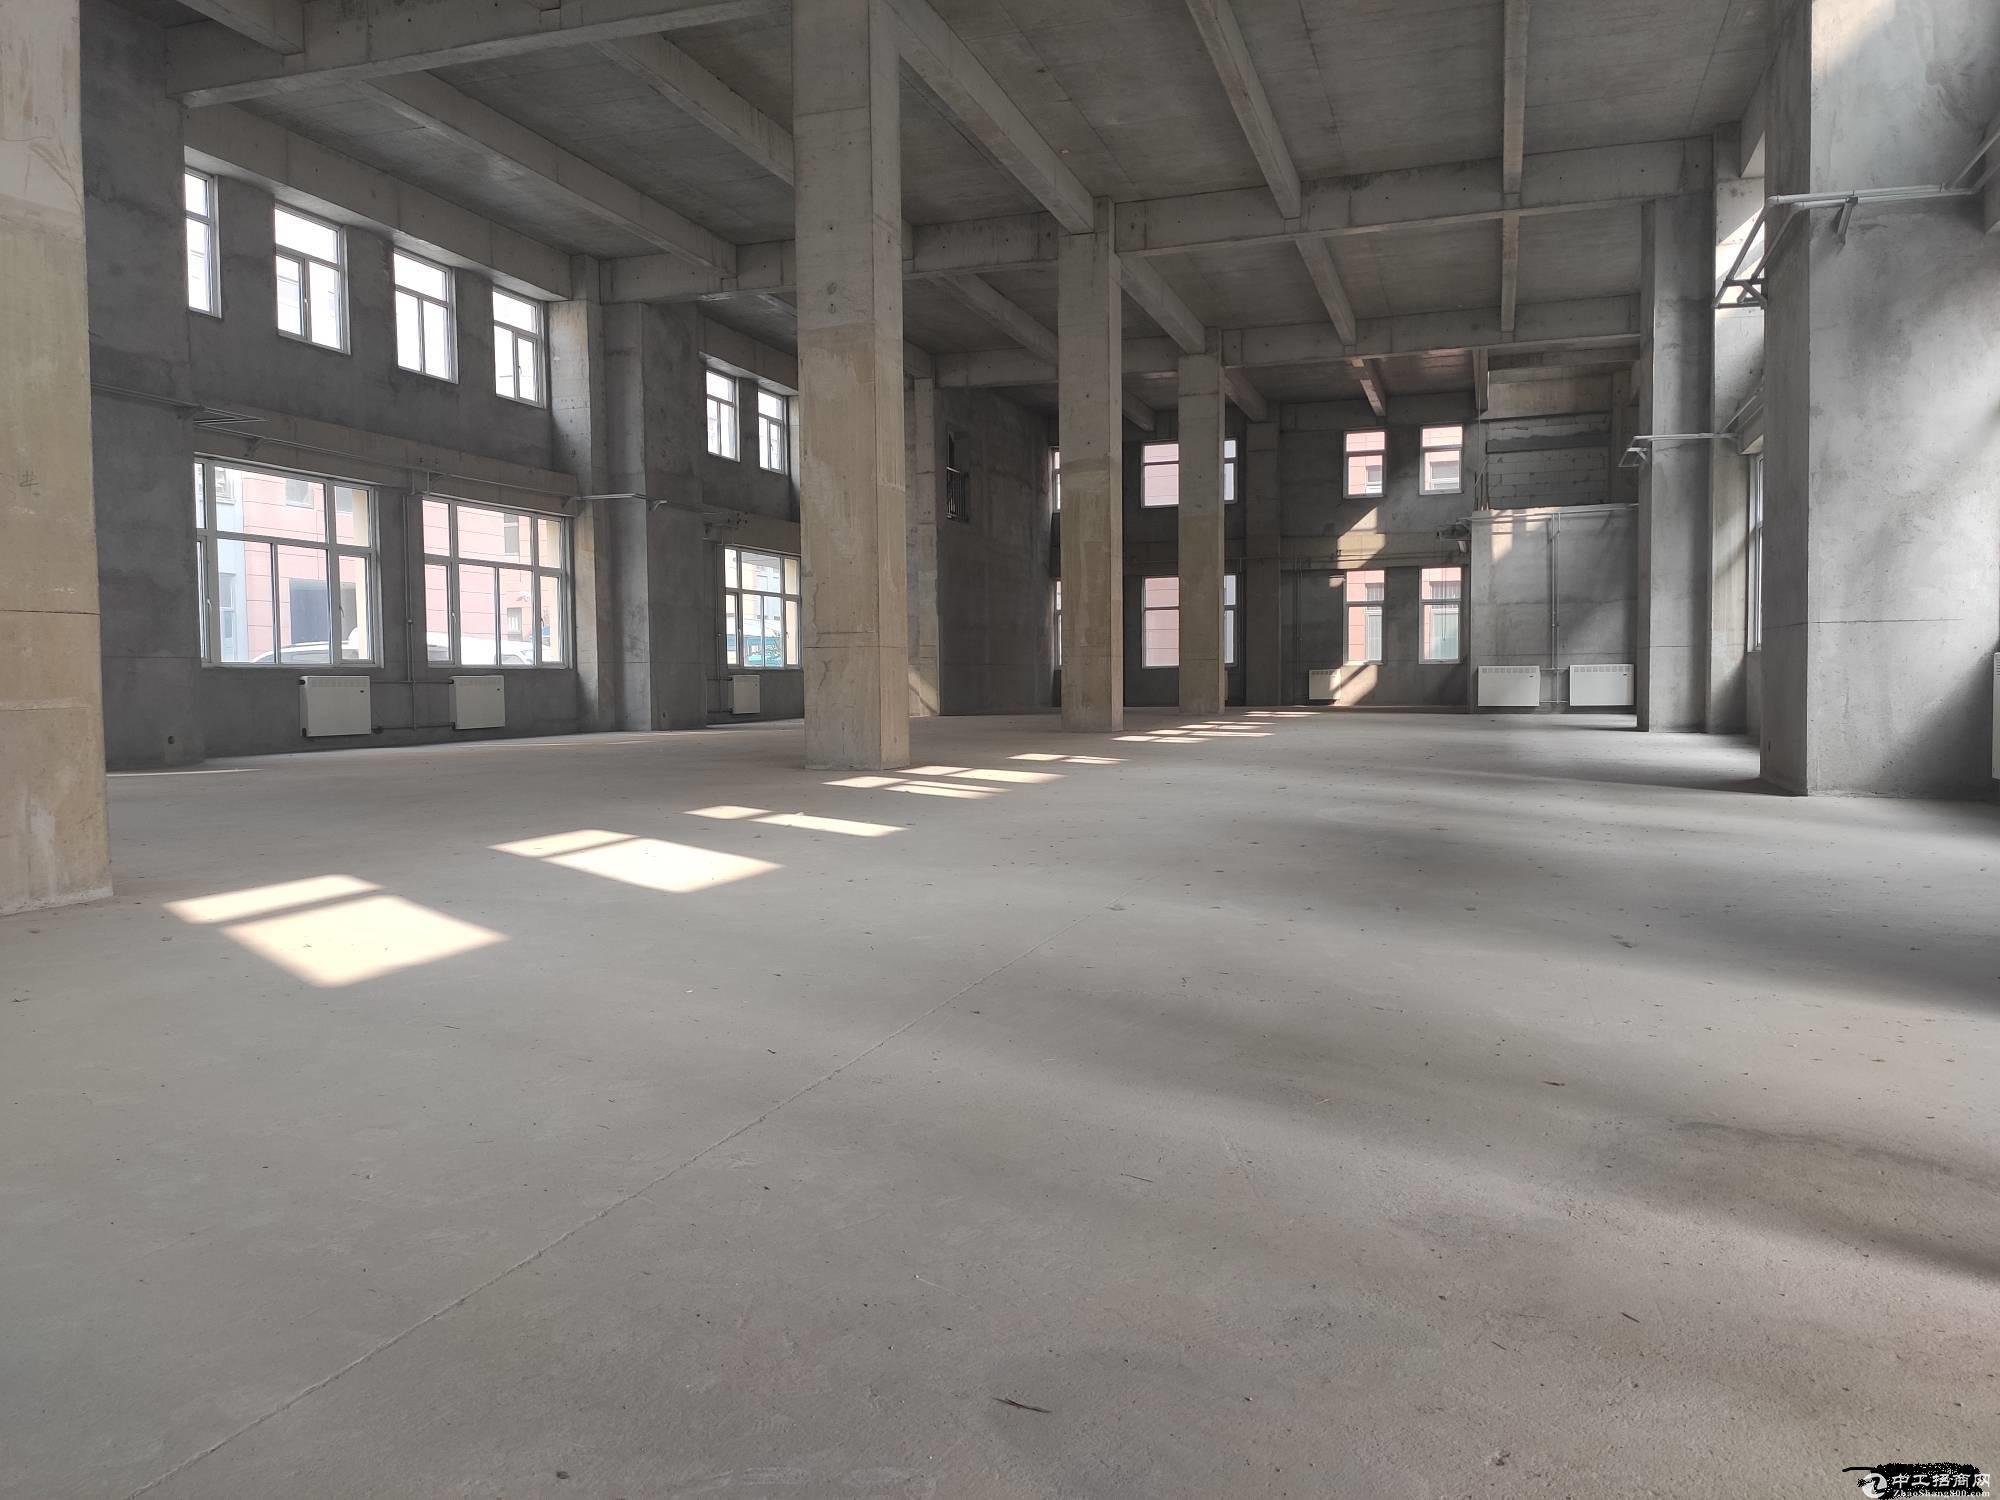 出售厂房,2000㎡大产权,市级园区,能贷款/环评,多行准入